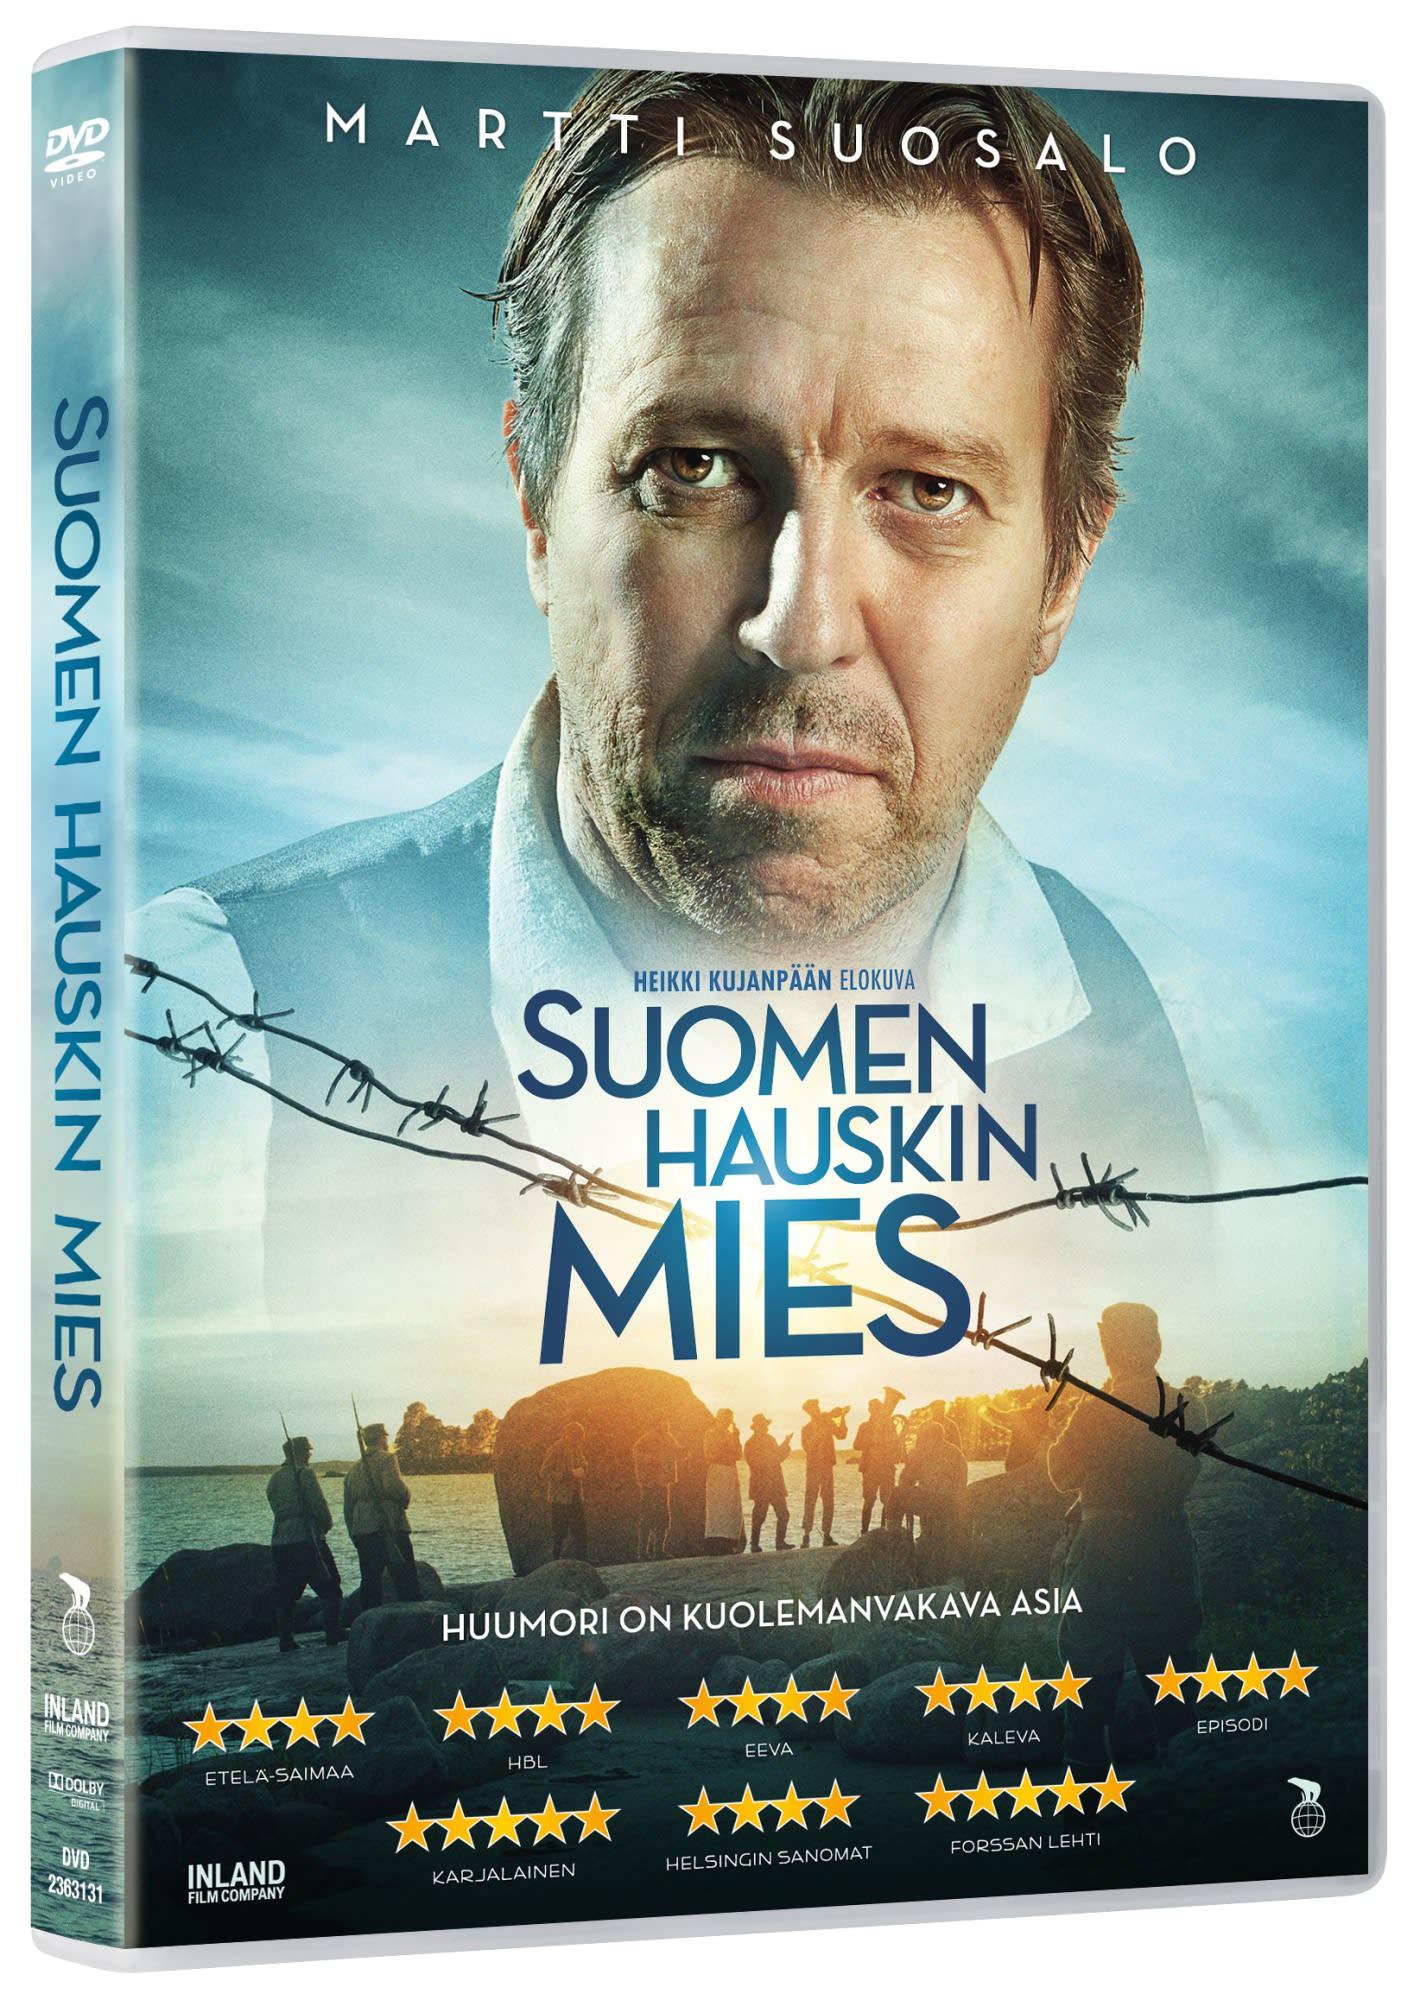 Suomen Seksikkäin Mies